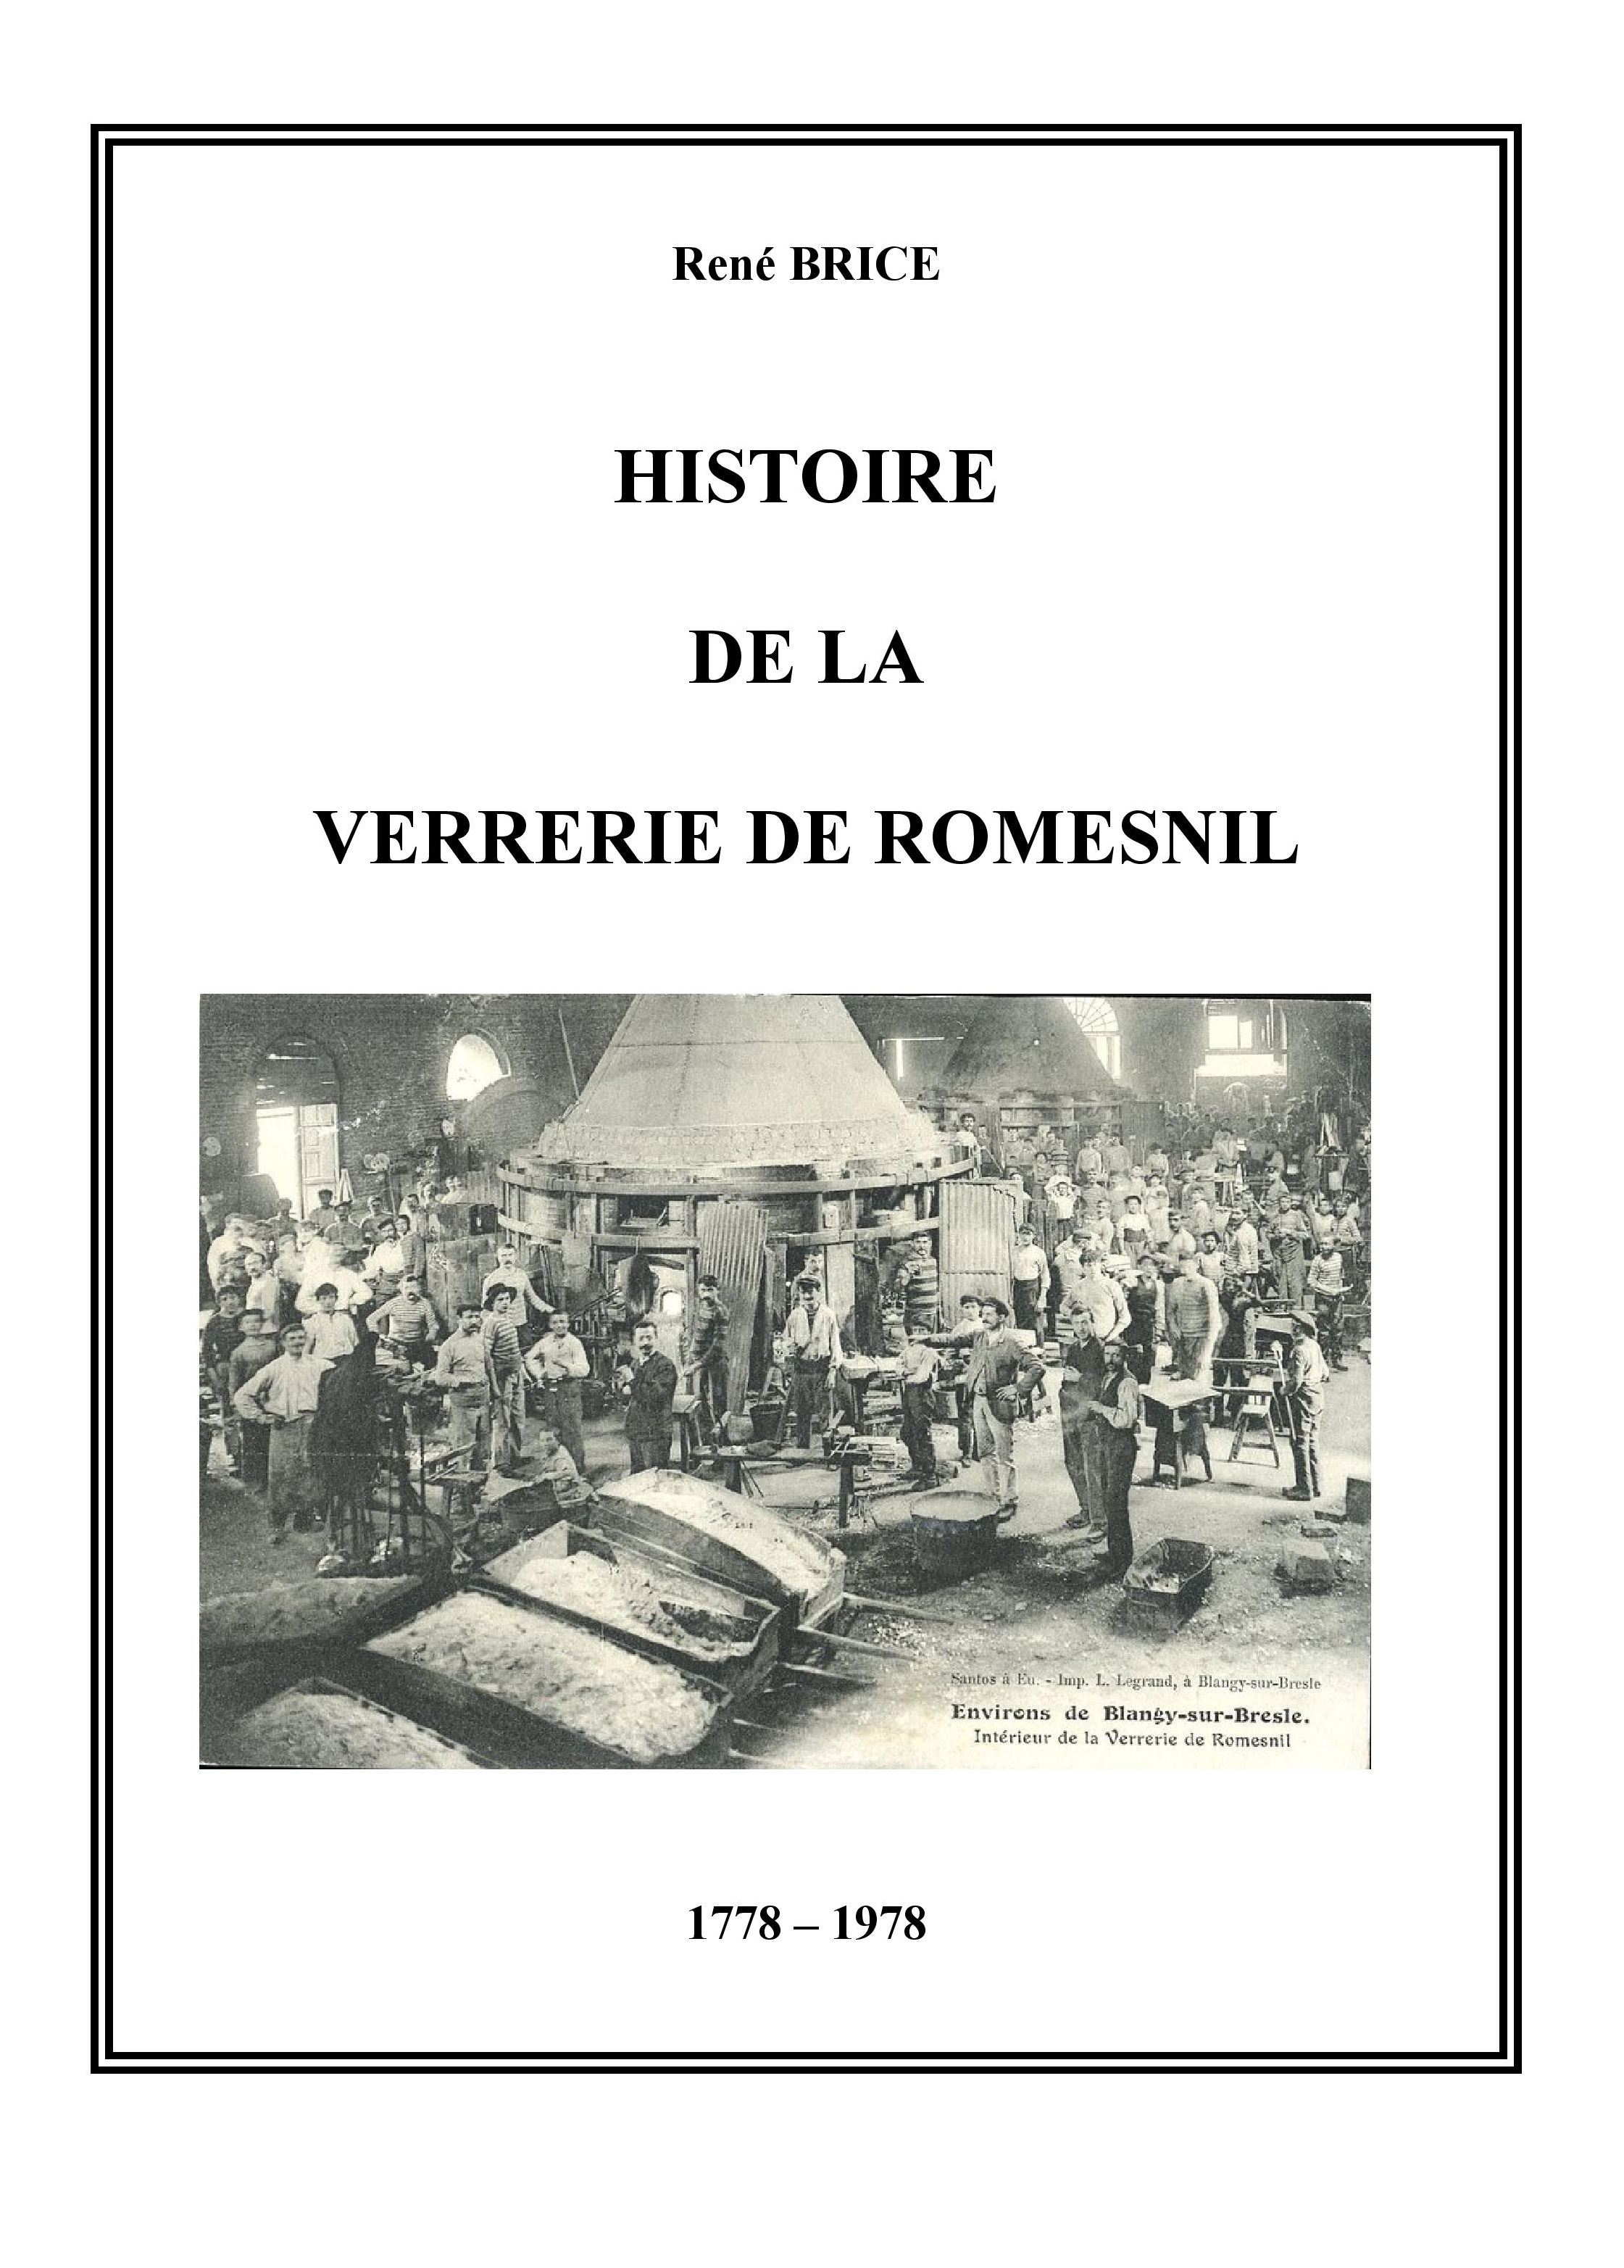 Les verreries de Romesnil - 12.00€